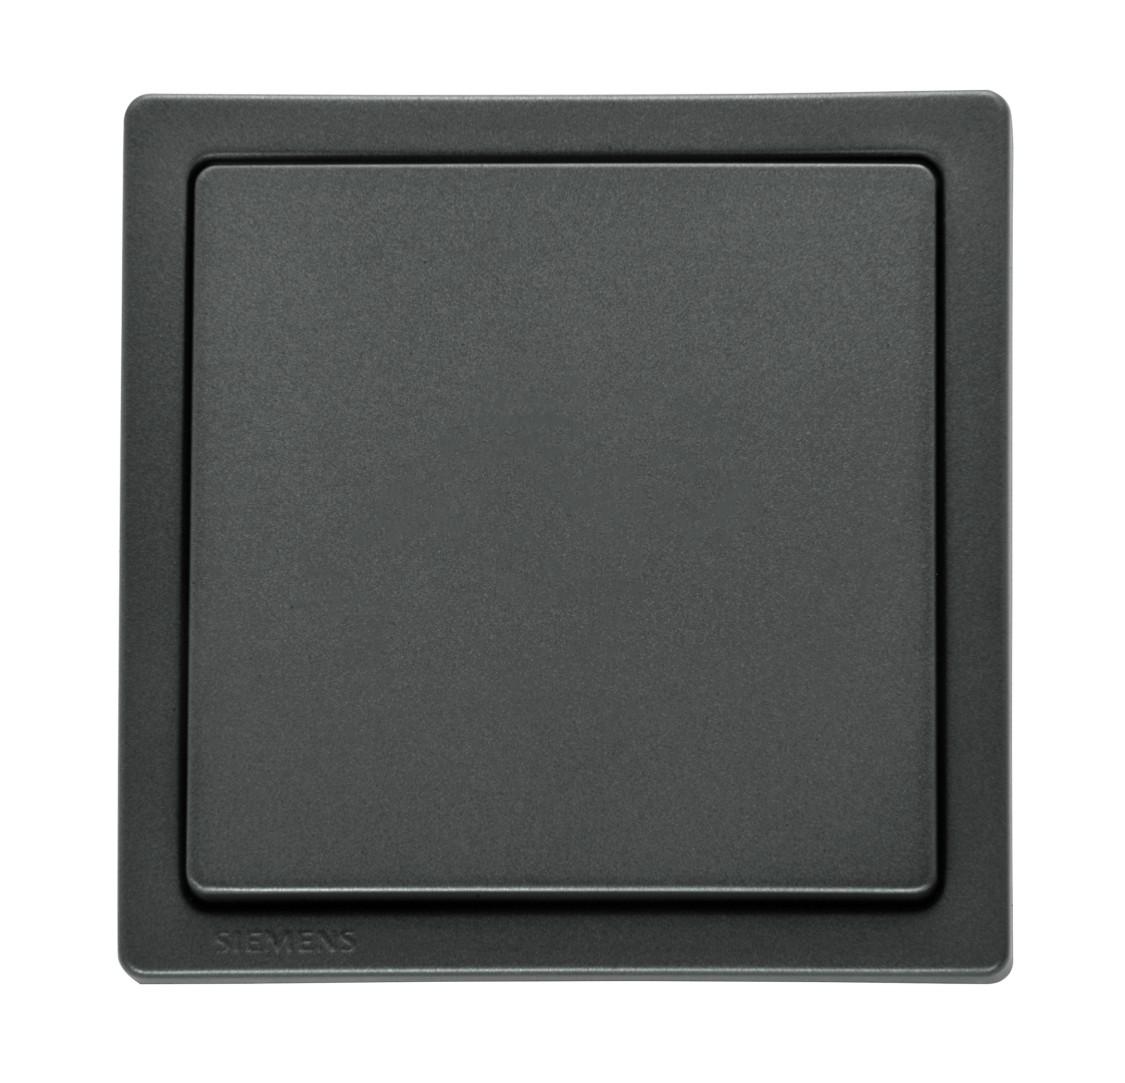 Siemens knebelschalter negro nuevo